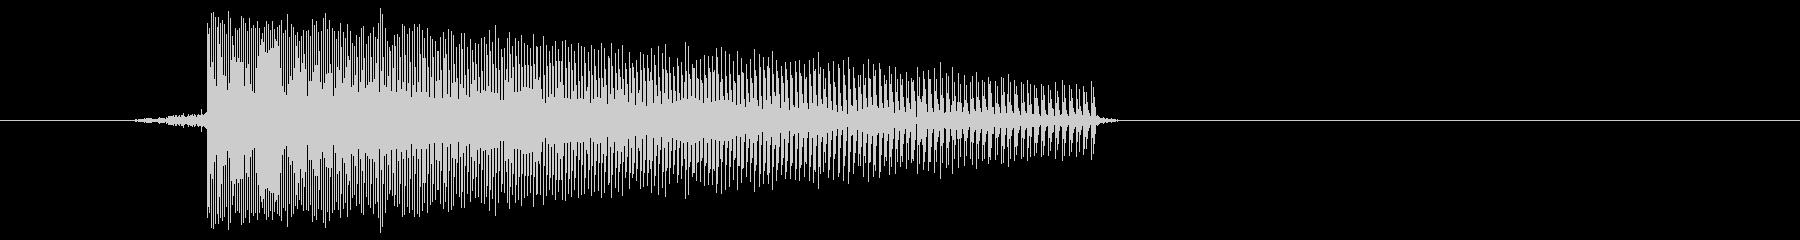 ゲーム(ファミコン風)レーザー音_031の未再生の波形